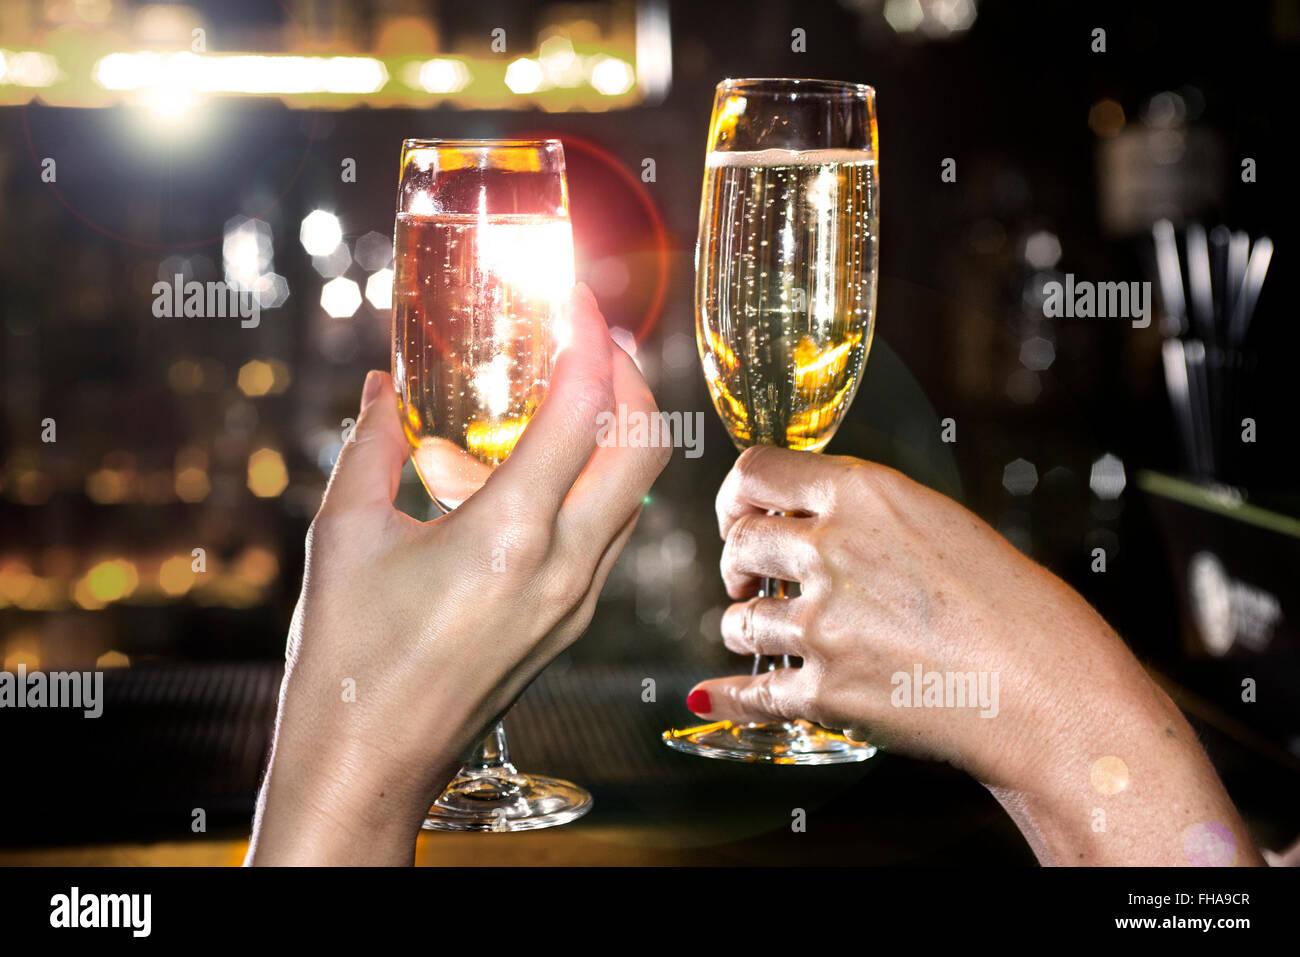 Bere champagne, mani e bicchieri Immagini Stock